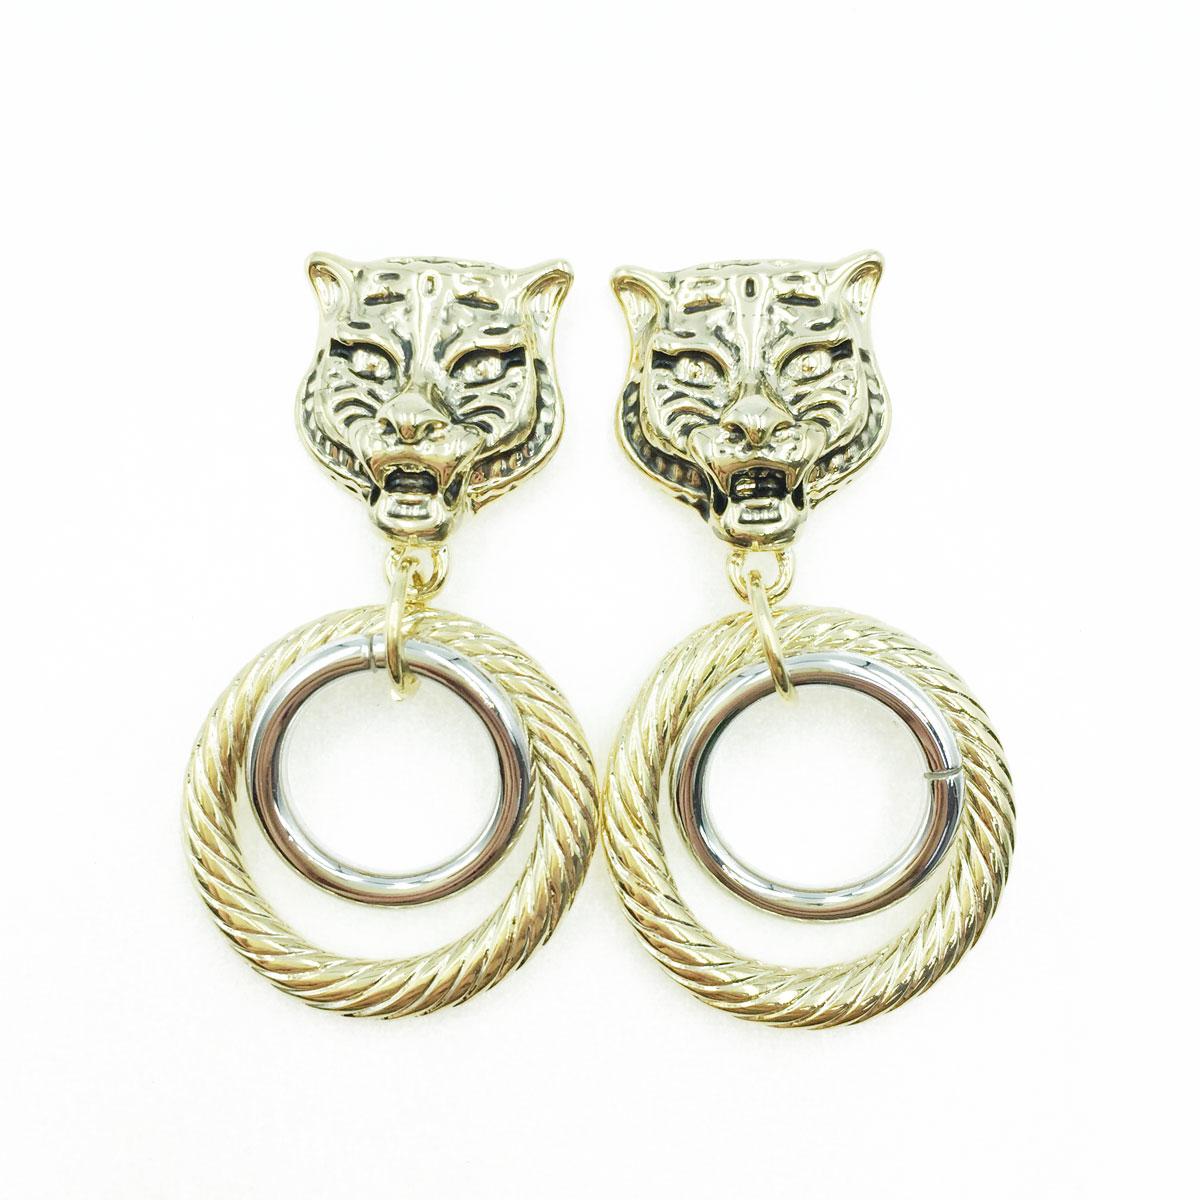 韓國 925純銀 動物 豹 造型 金屬 雙色 簍空 圓 垂墜感 耳針式耳環